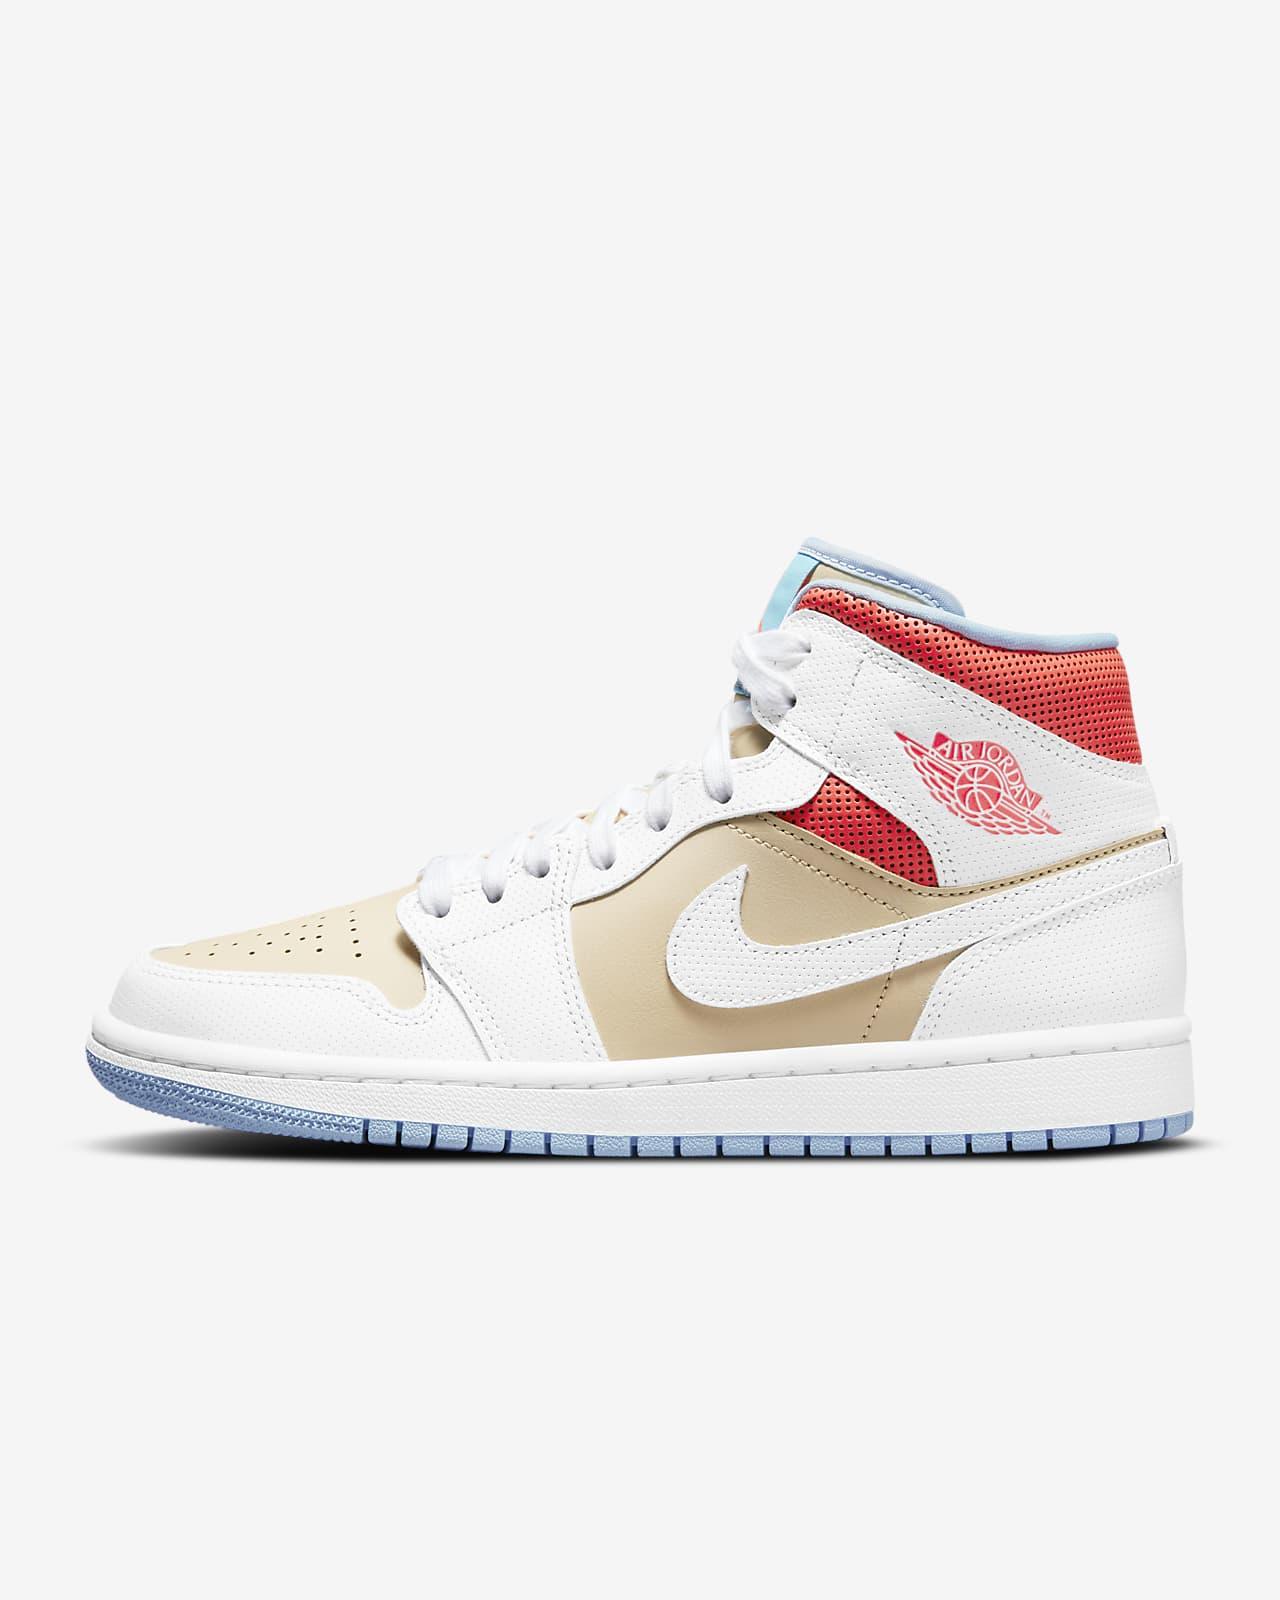 Air Jordan 1 Mid SE Women's Shoes